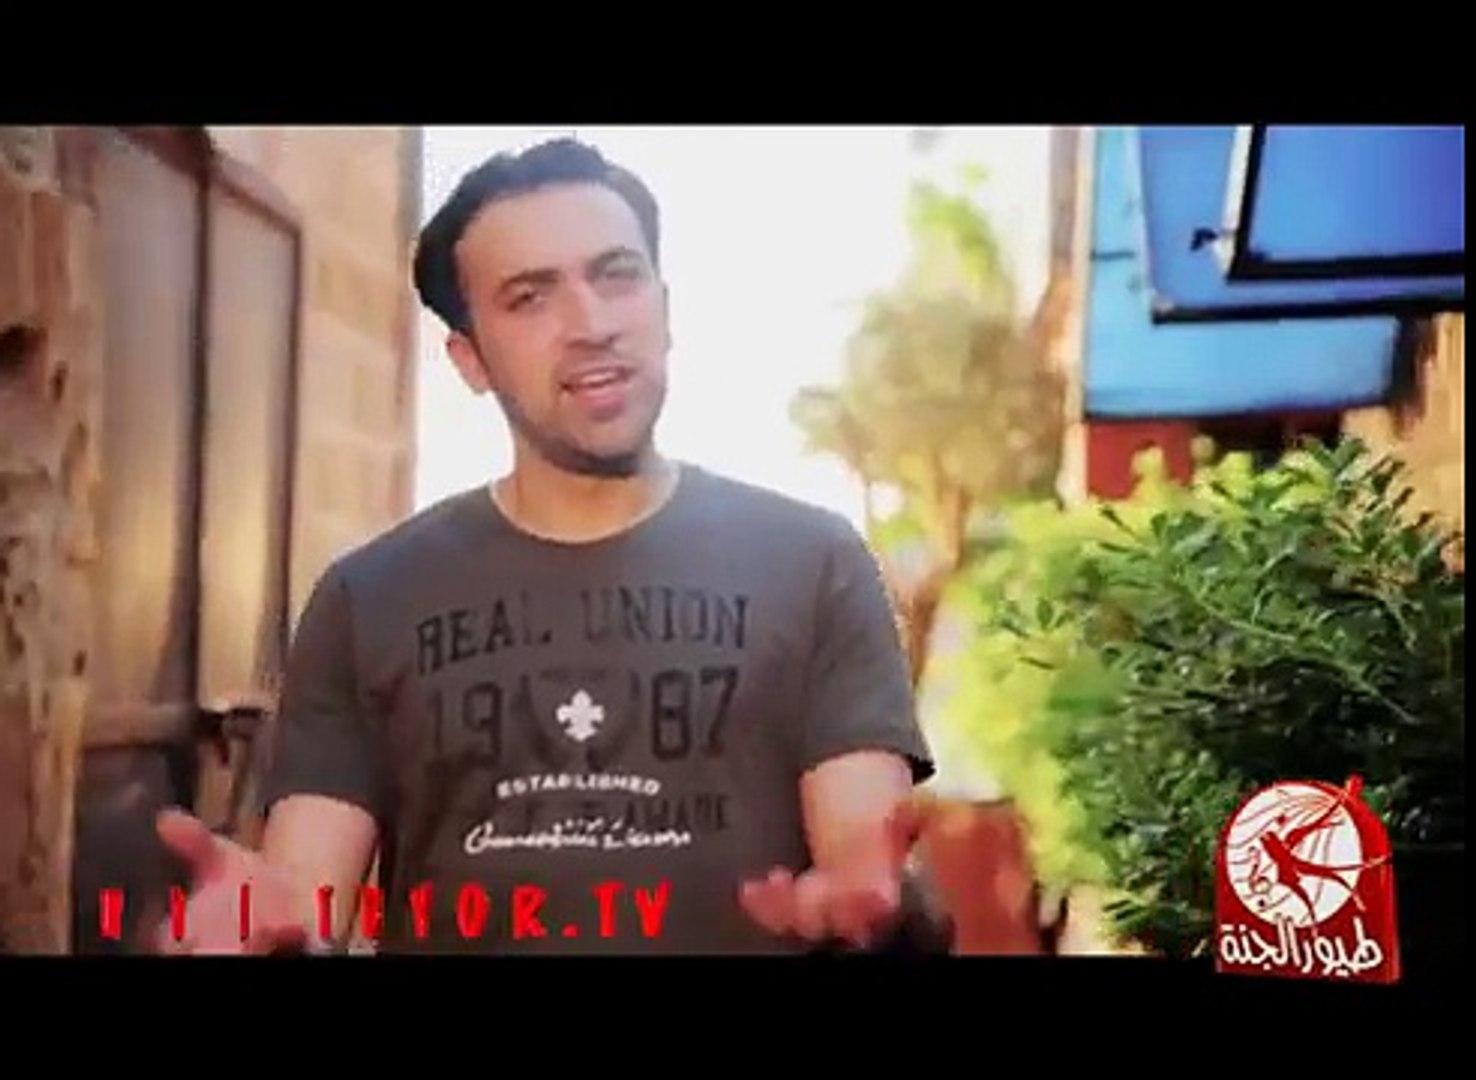 رمضان - براء العويد - طيور الجنة - video dailymotion